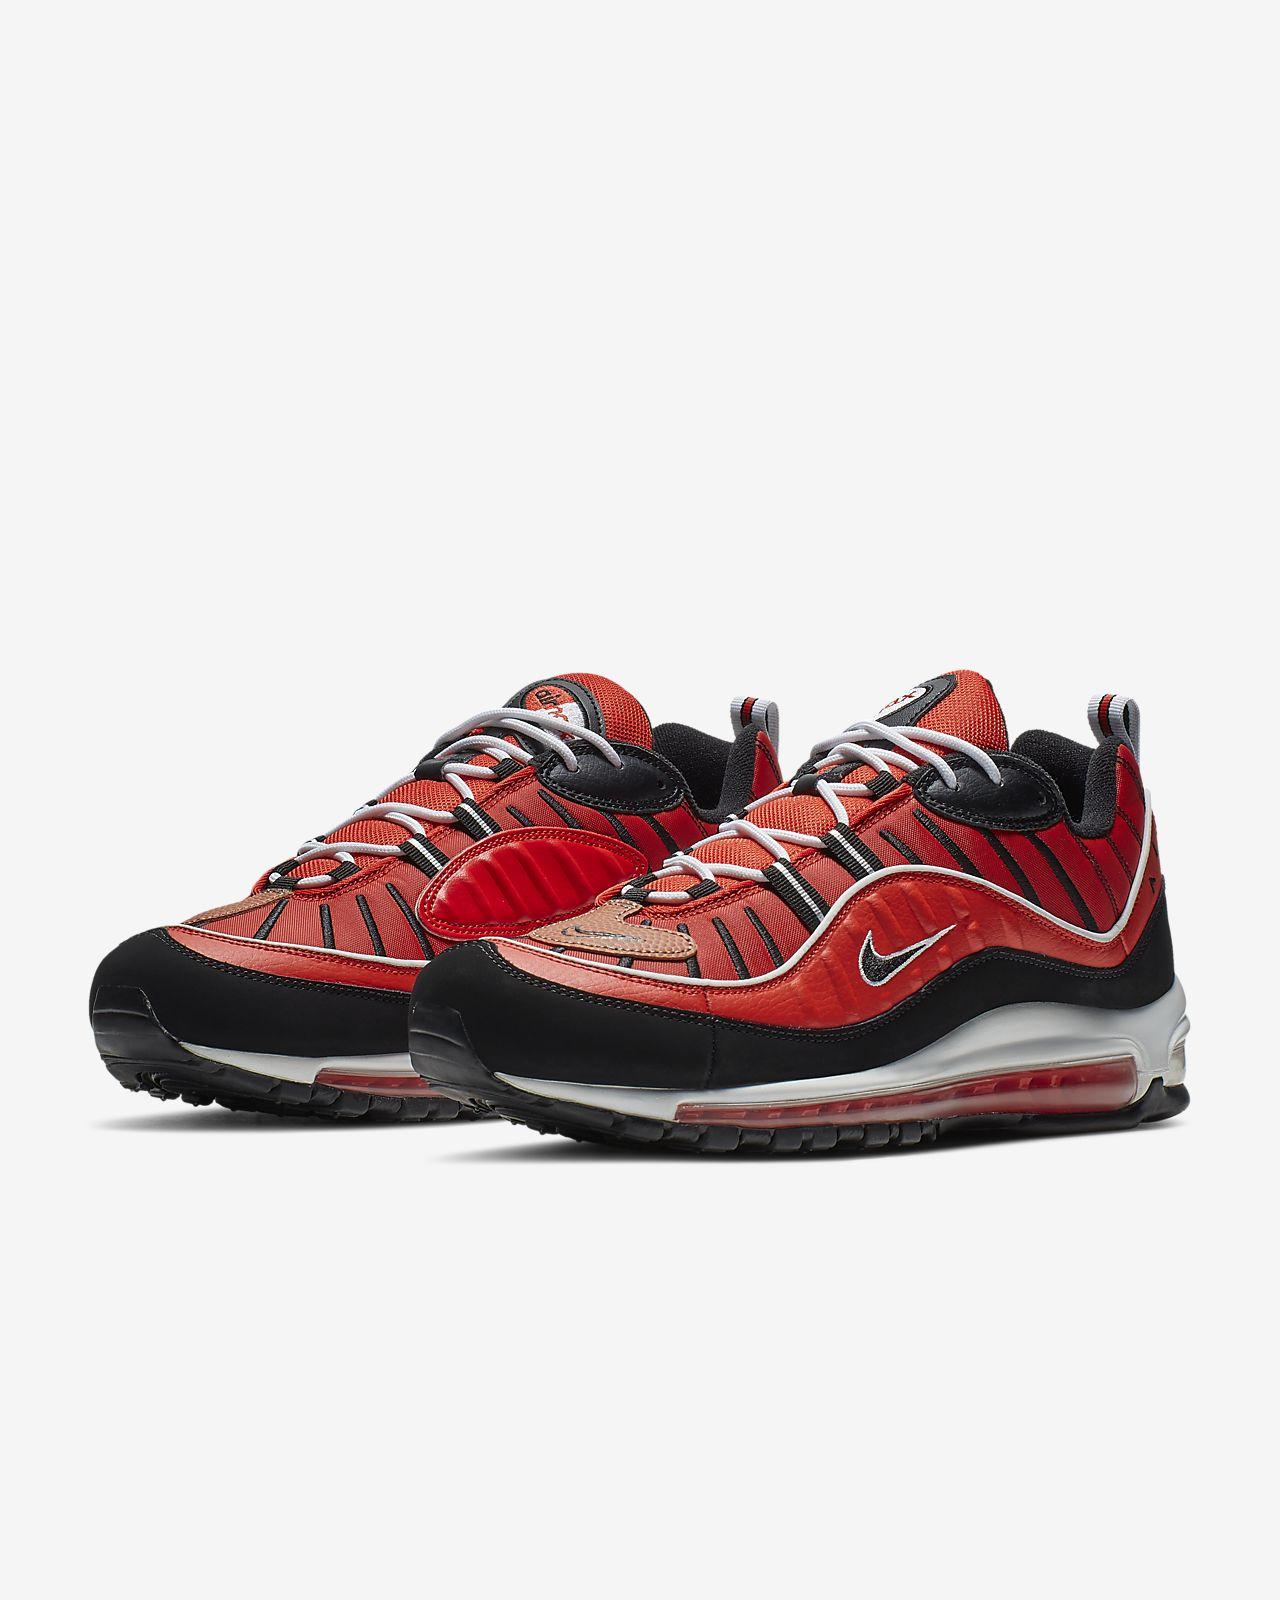 premium selection 7790c 7d6b4 ... Nike Air Max 98 Men s Shoe